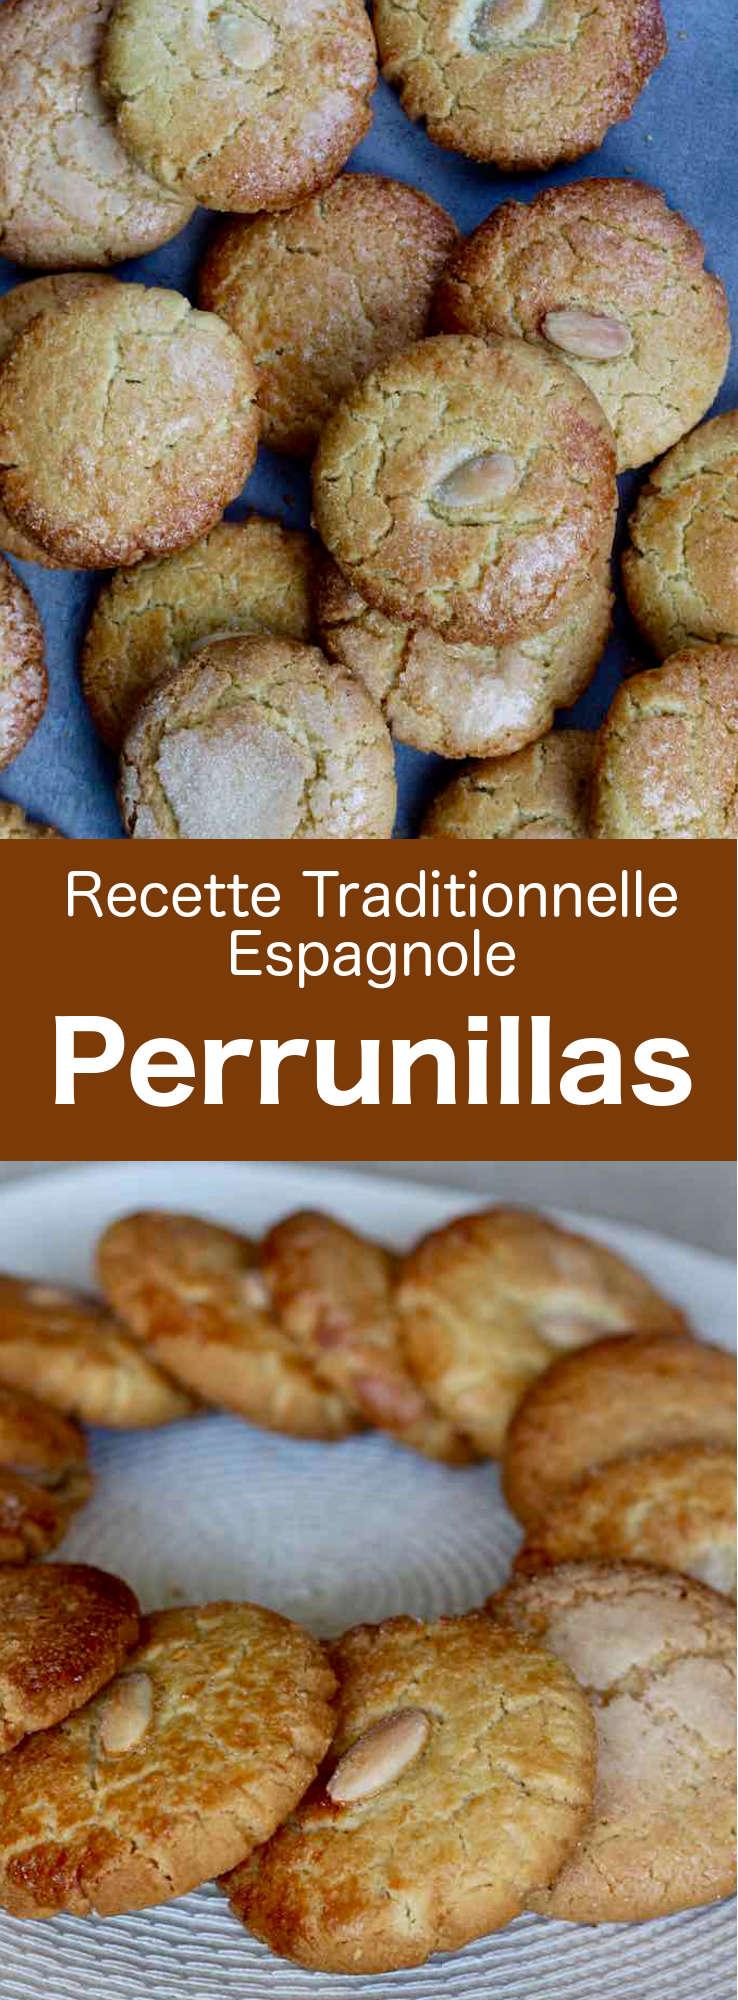 Les perrunillas sont les délicieux petits biscuits sablés traditionnels les plus emblématiques de la région d'Estrémadure en Espagne. #Espagne #CuisineEspagnole #RecetteEspagnole #CuisineDuMonde #196flavors